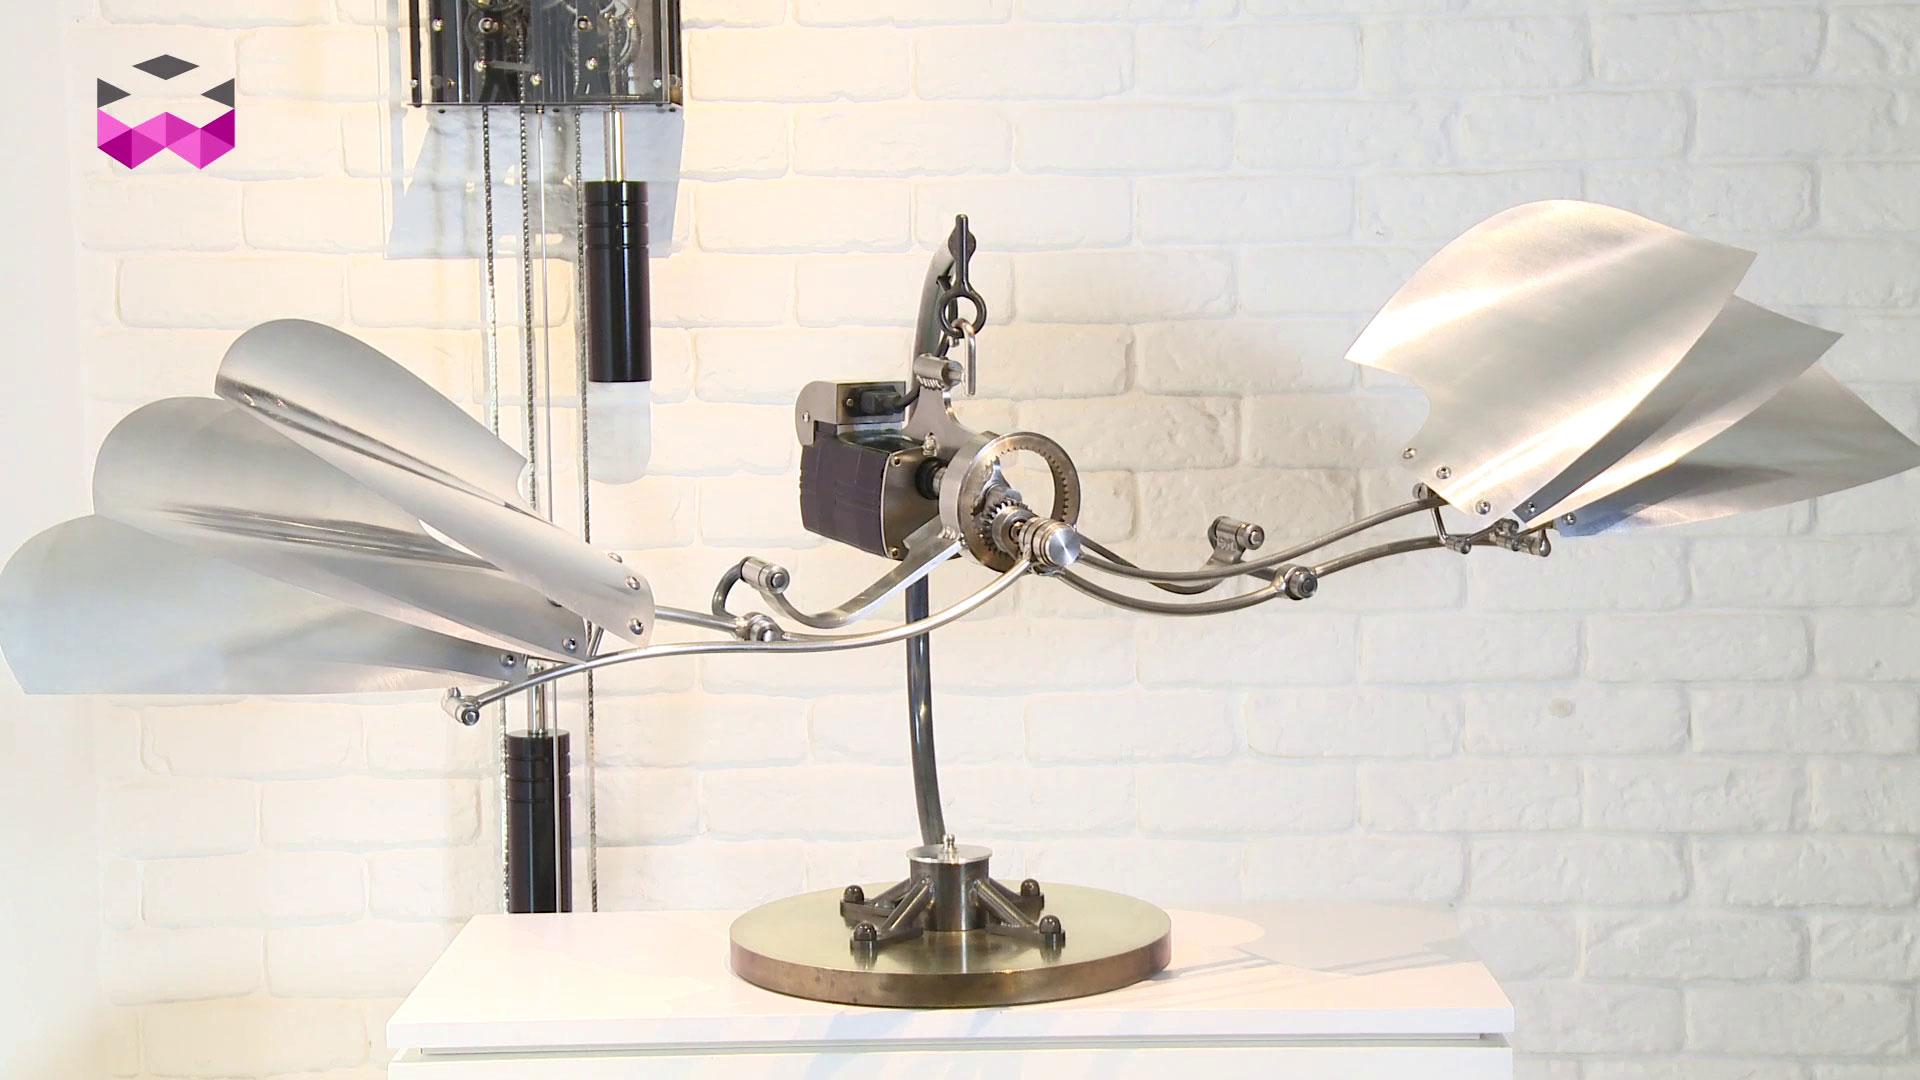 時計が原点、キネティックアーティストの作品に触れる